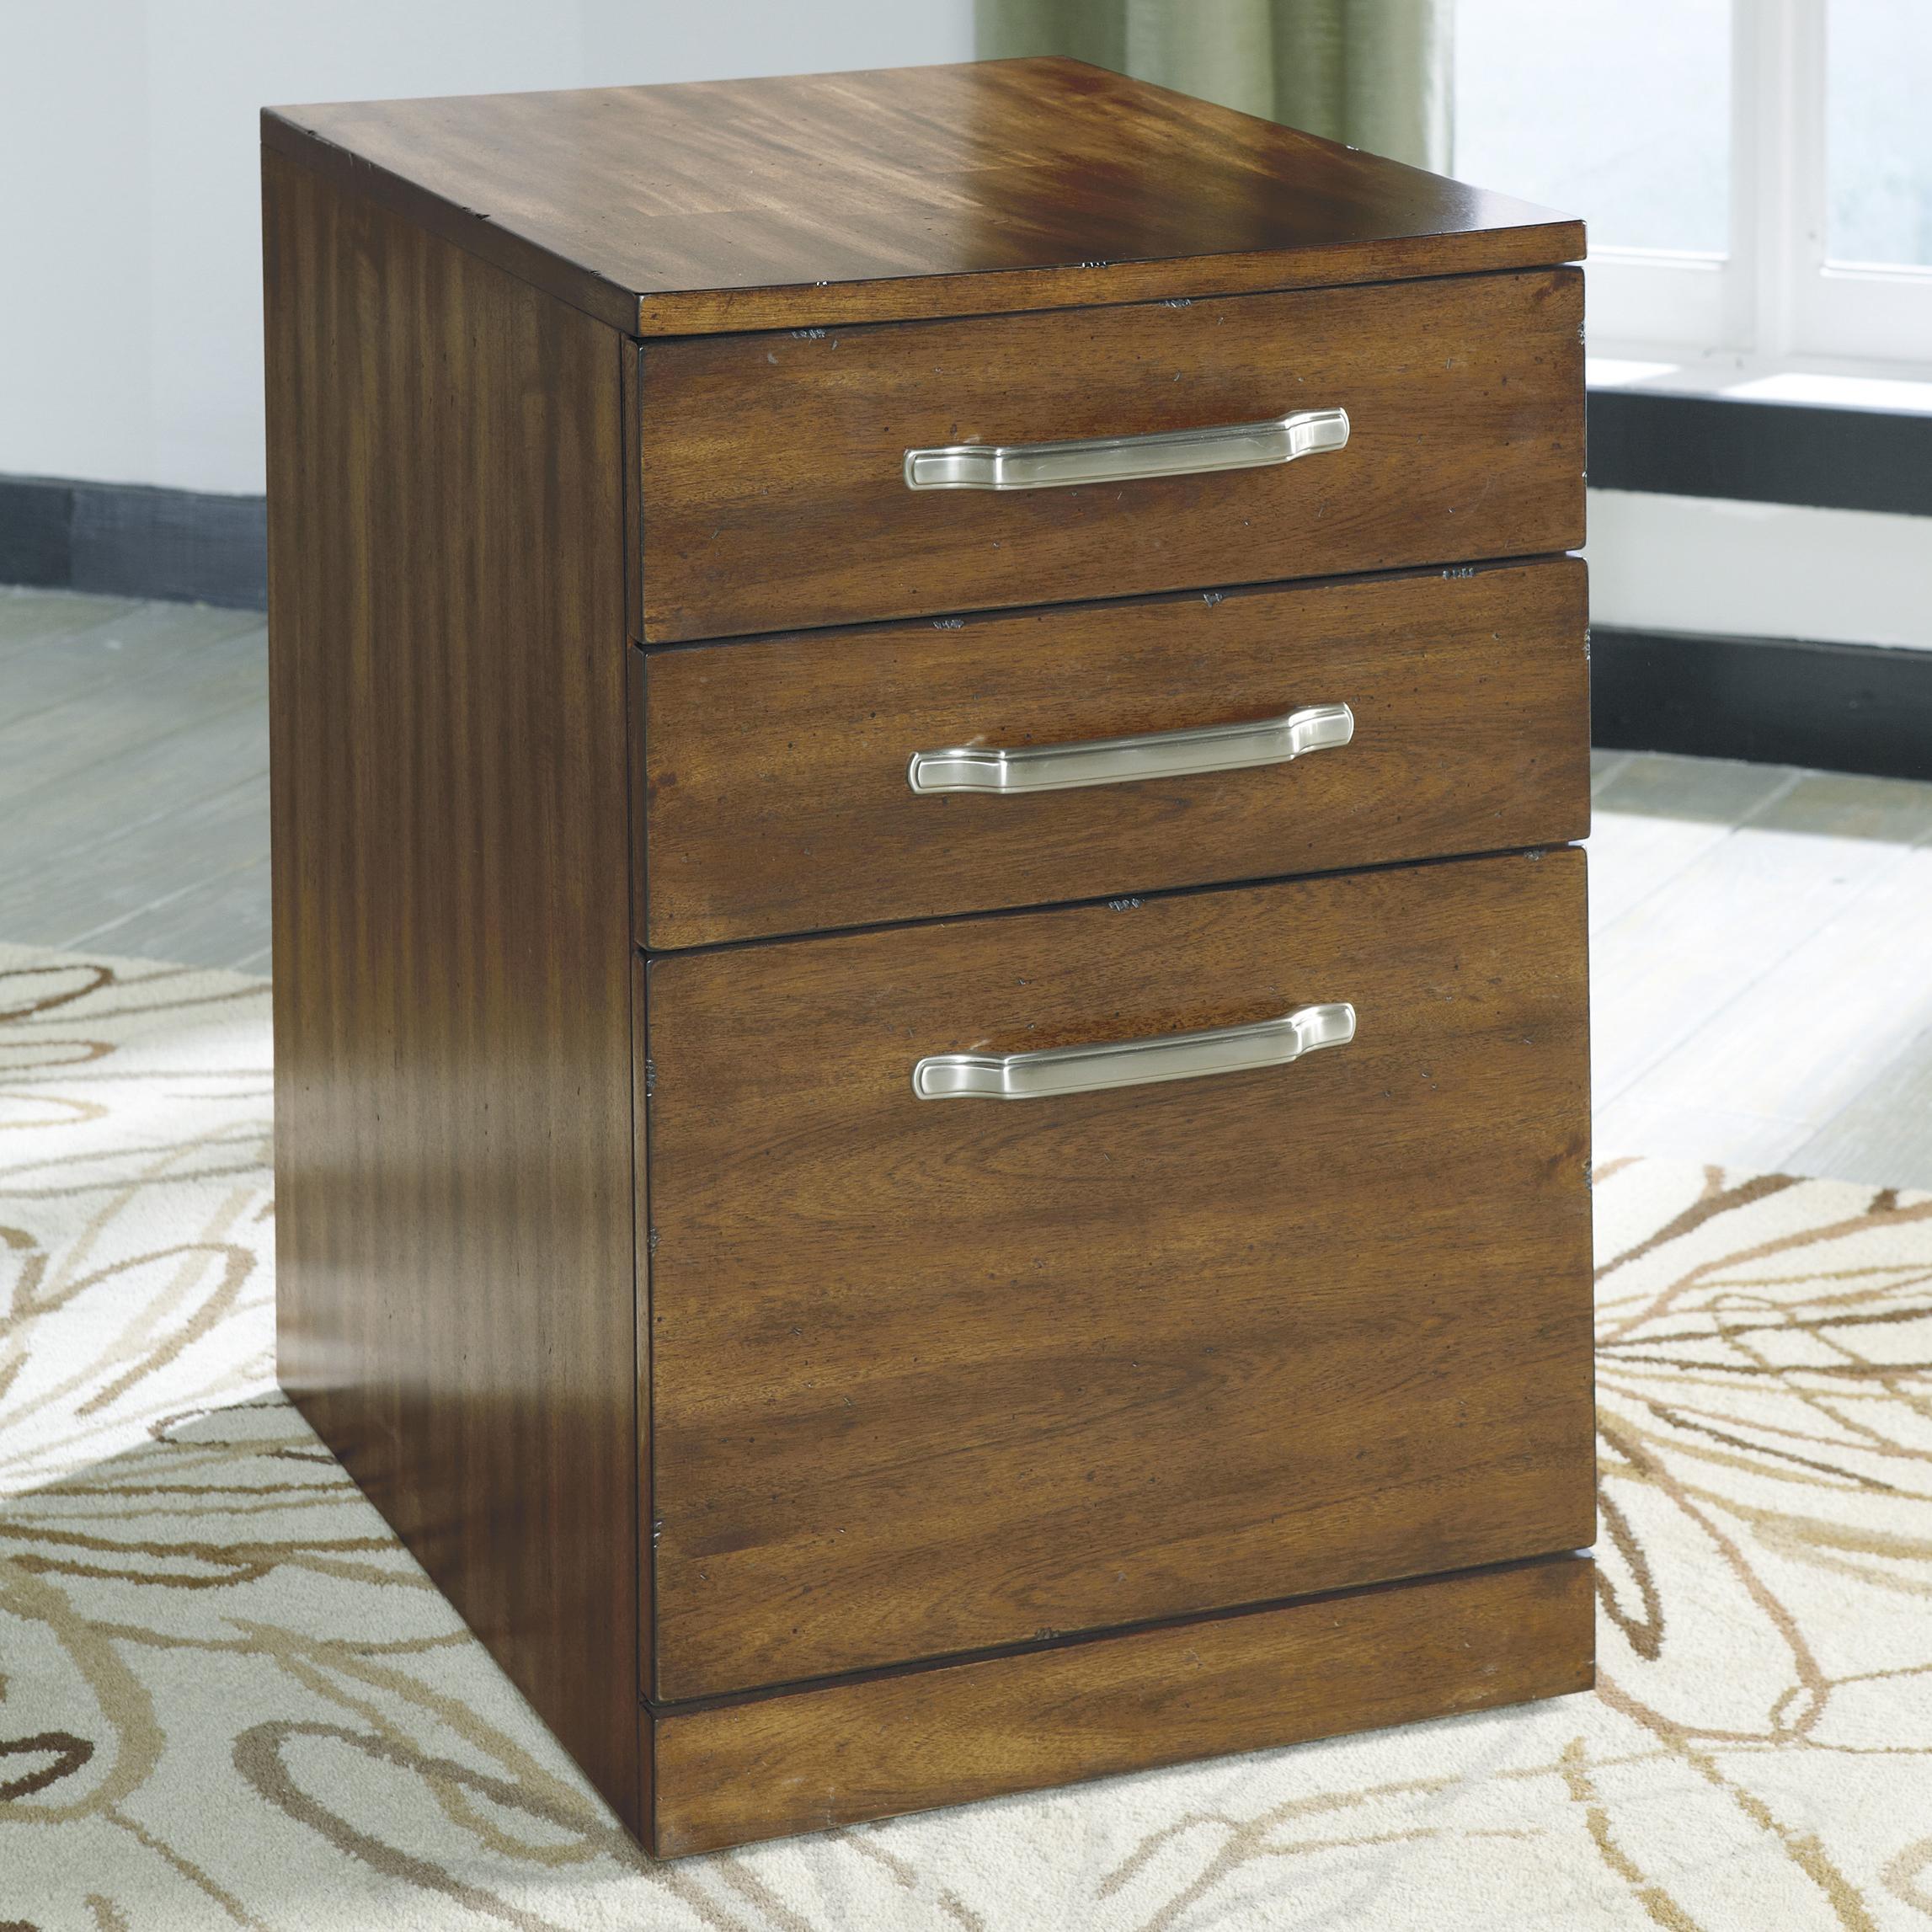 Signature Design by Ashley Lobink File Cabinet - Item Number: H641-12